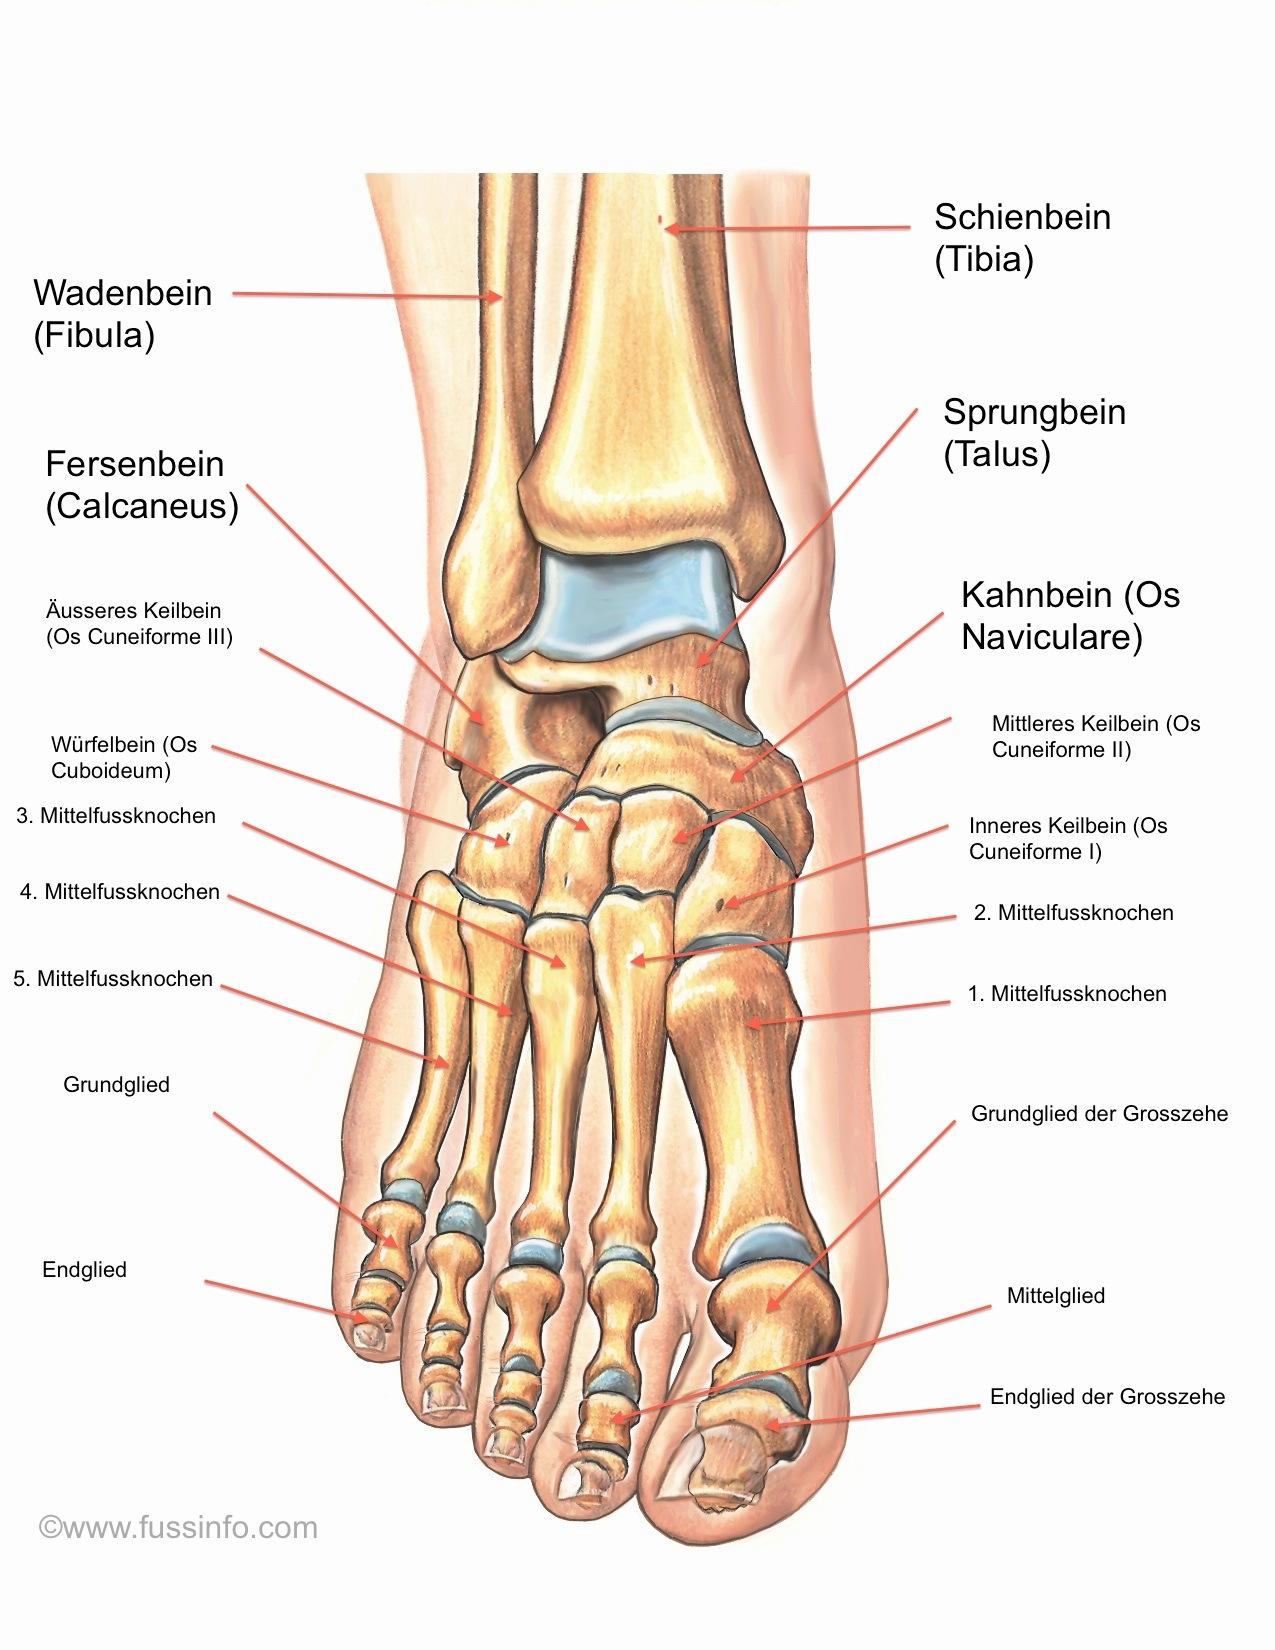 Fantastisch Anatomie Knochen Fuß Galerie - Menschliche Anatomie ...